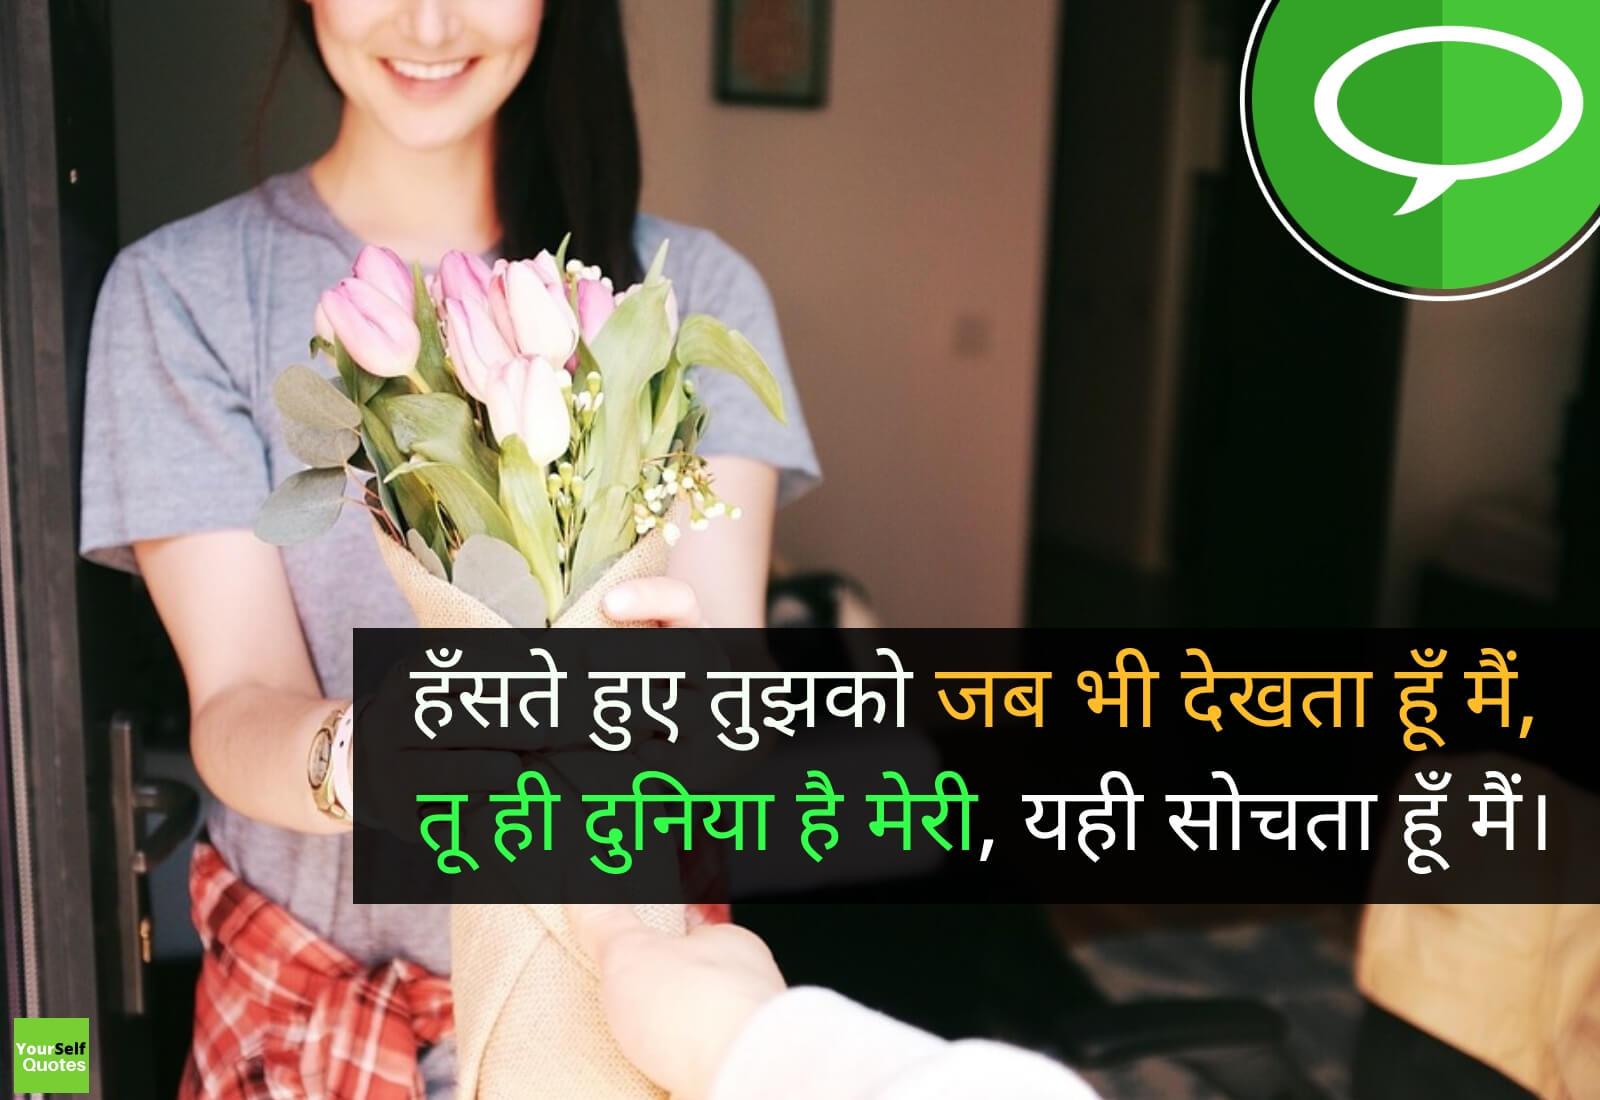 Shayari Hindi Status Images